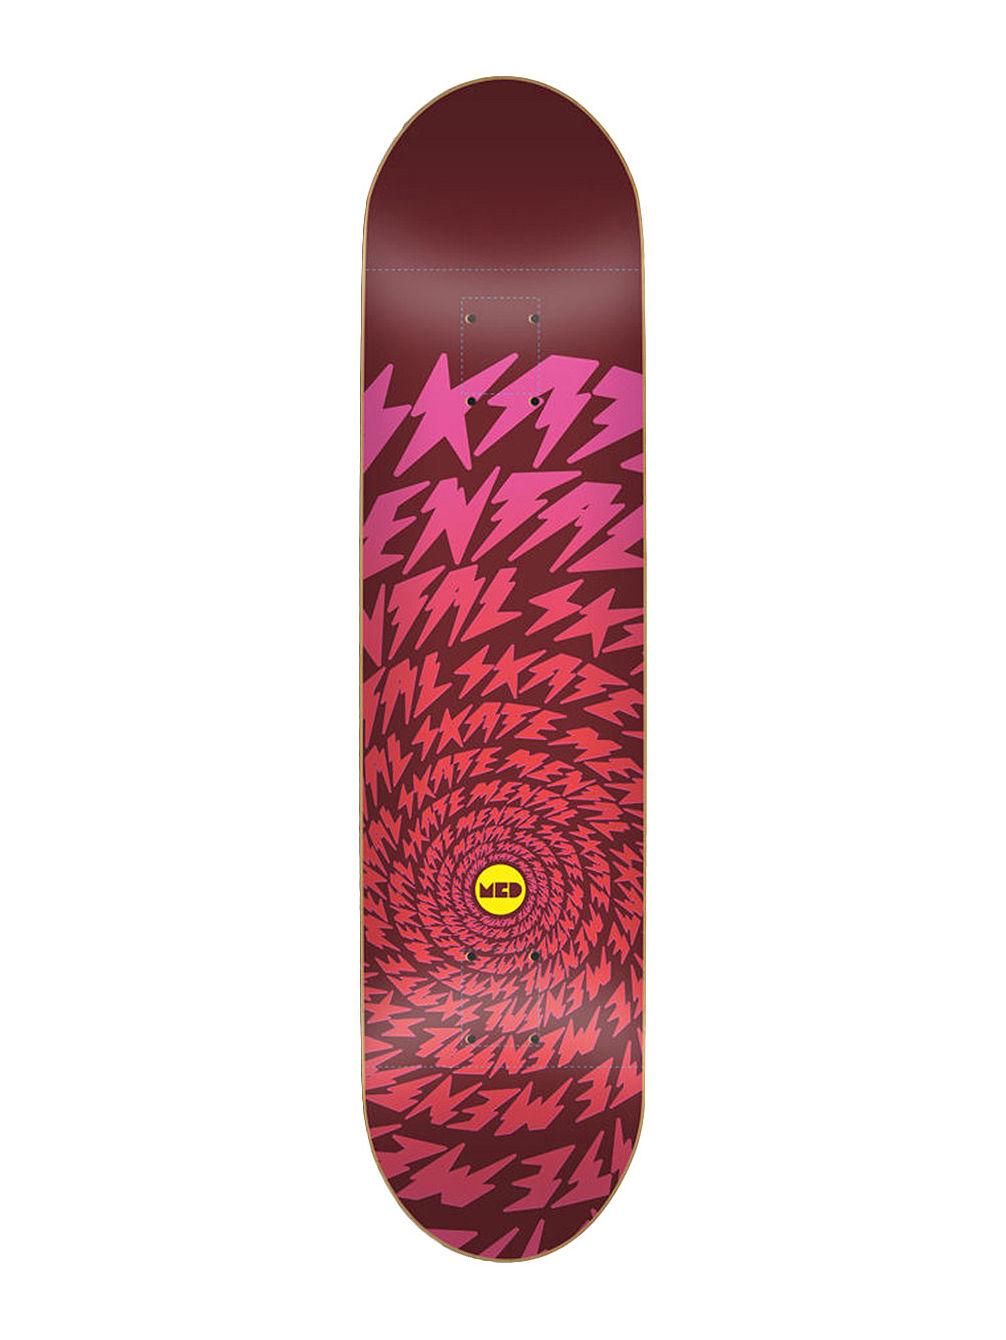 skate-mental-bolts-vortex-red-825-skateboard-deck